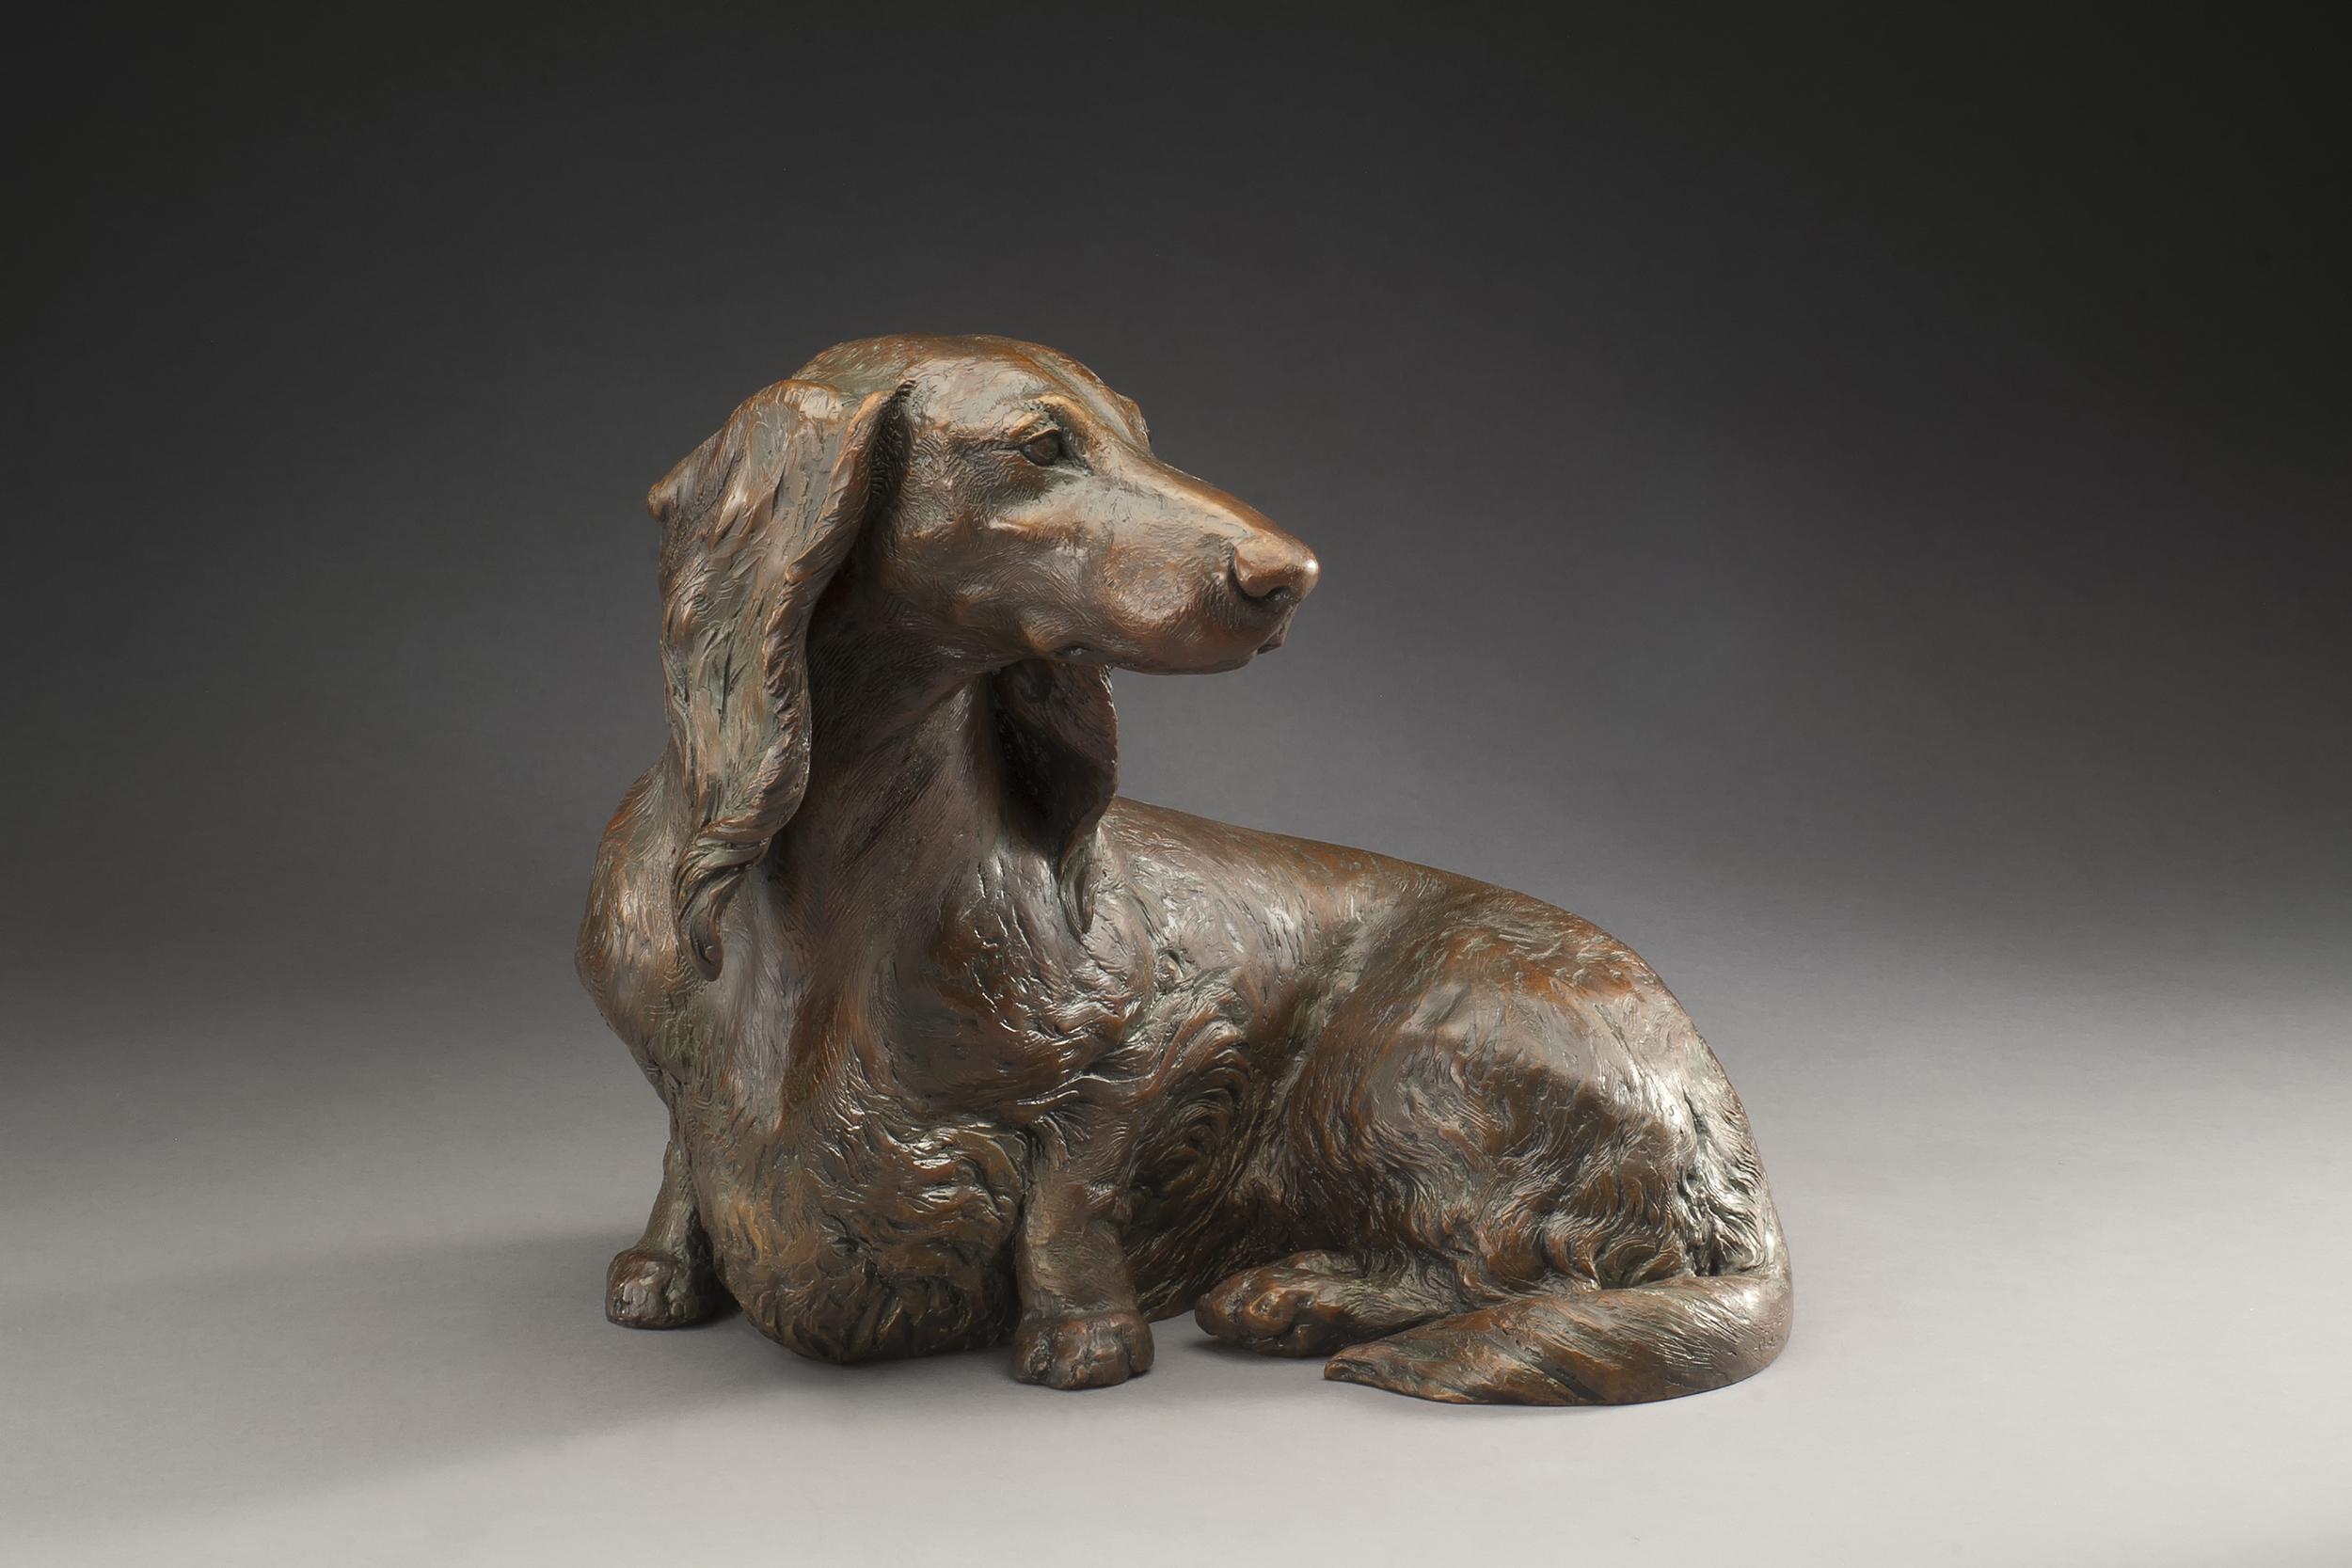 Dog & Horse Fine Art Joy Beckner  So Good to See You.jpg